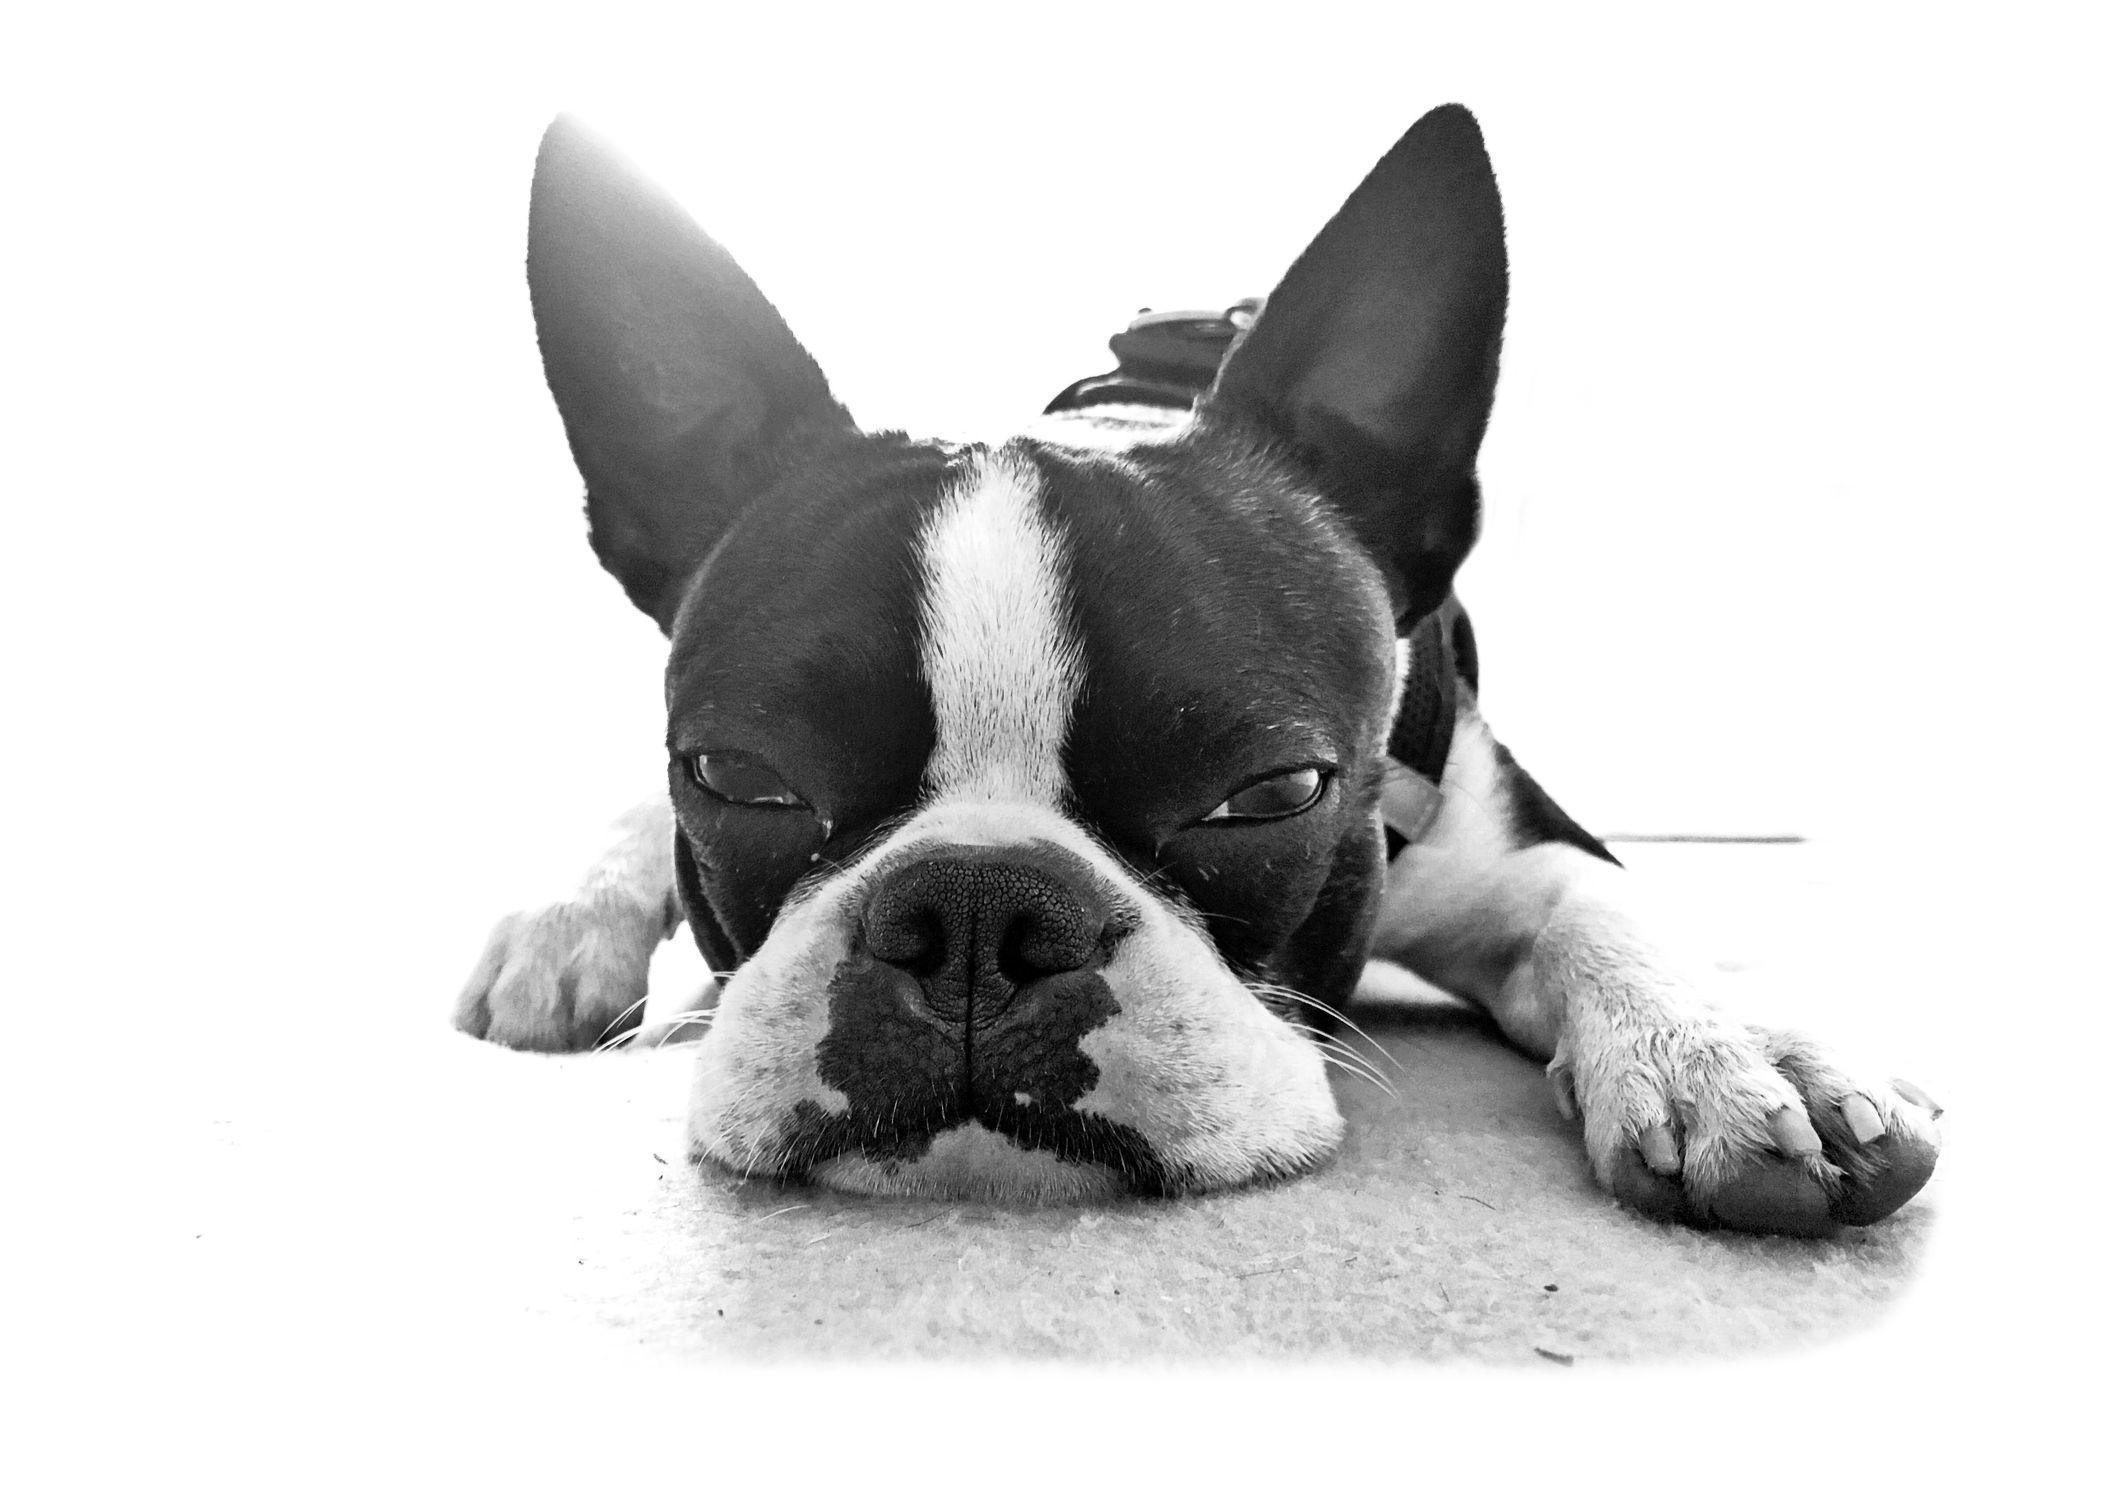 Bild mit Tiere, Weiß, Schwarz, Hunde, Tier, Hund, Dog, Lebewesen, Boston Terrier, Bosti, Boston Terriers, Rassehunden, Hunderasse Boston, Kleine doggenartige Hunde, Familienhund, Hundebild, Haushund